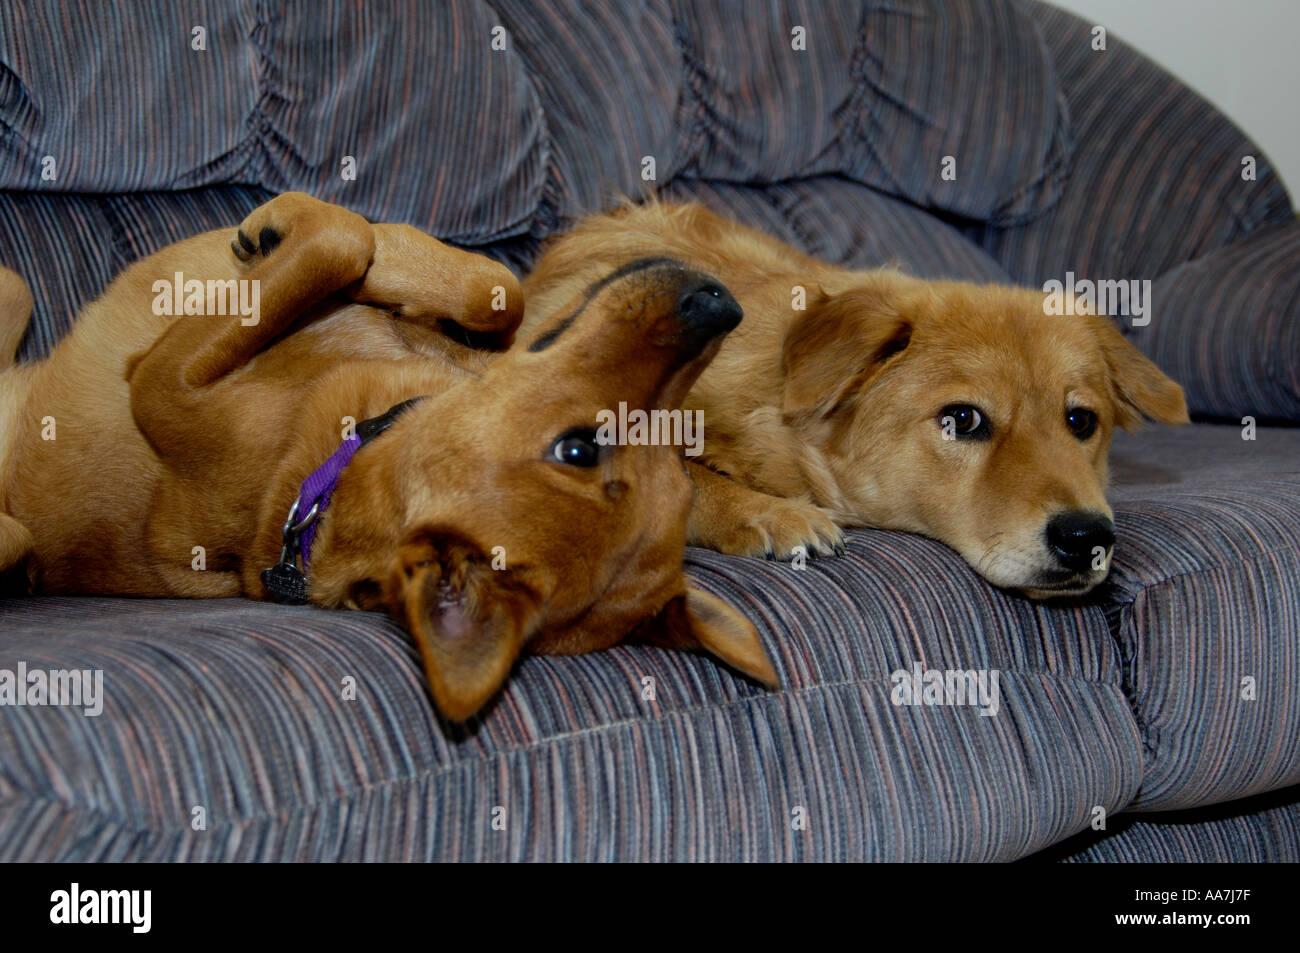 Cani Giocando Sul Lettino Miniature Pinscher Mix Chester Riley